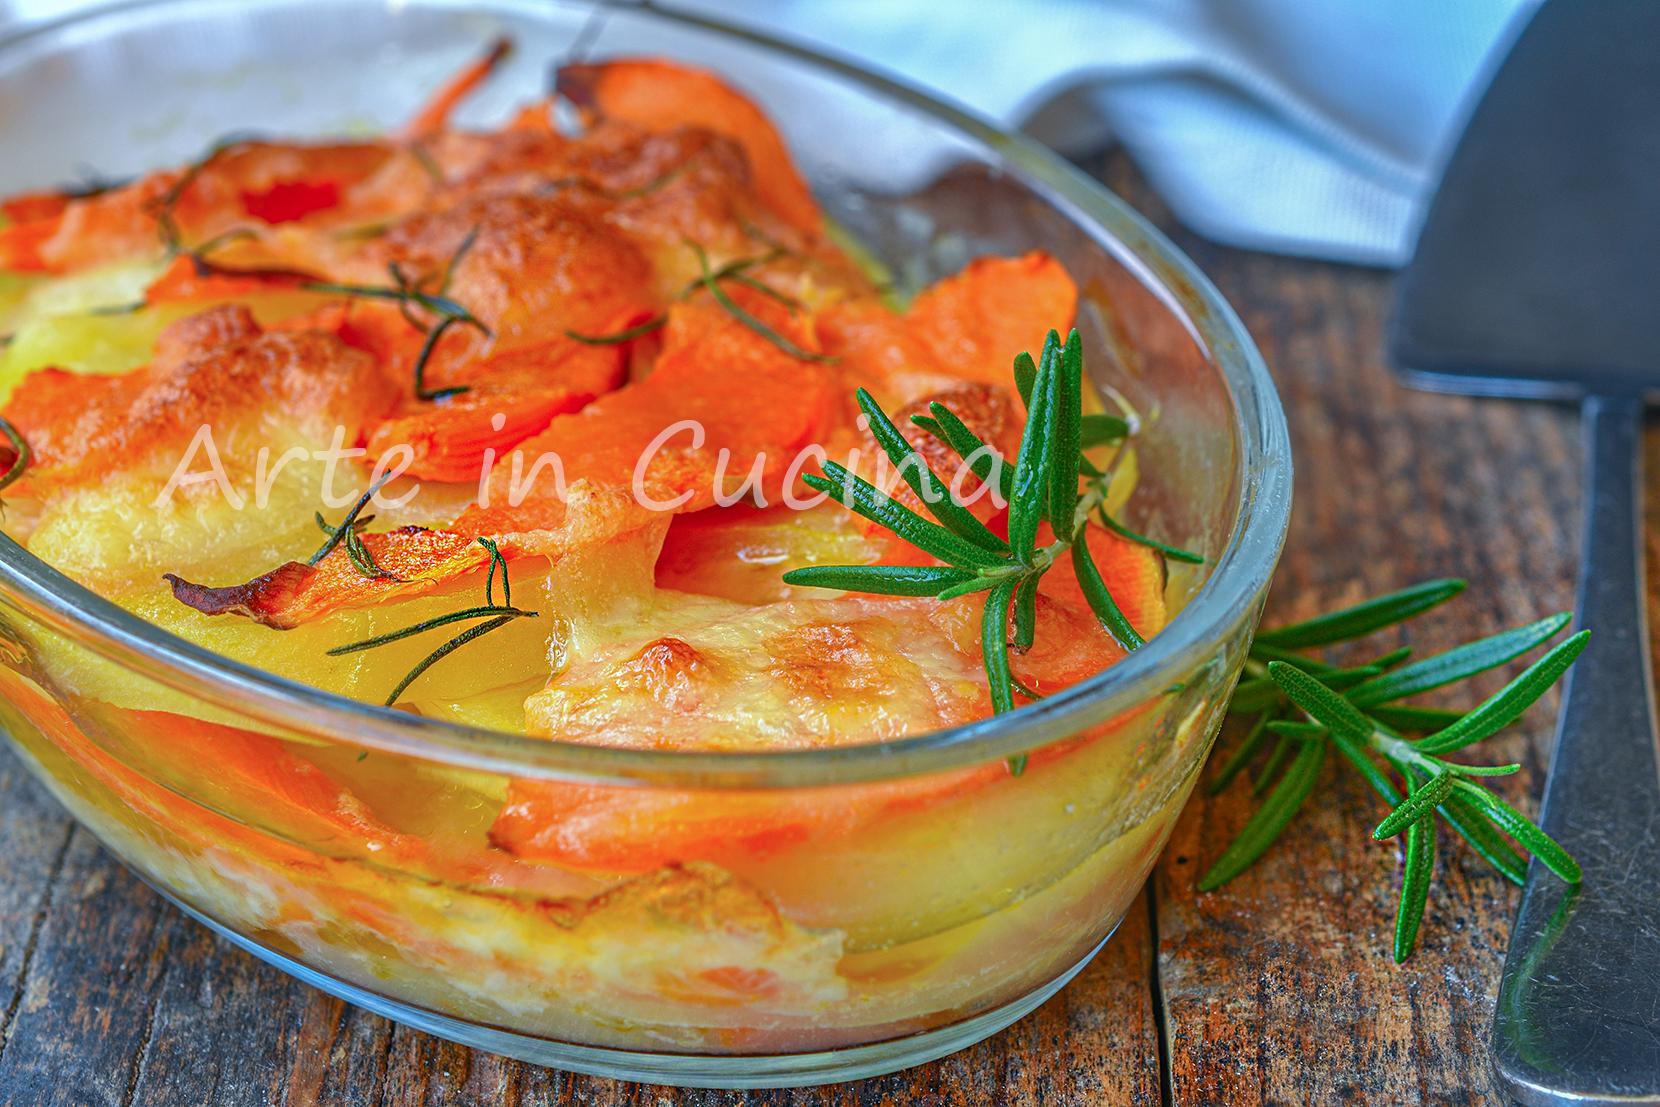 Parmigiana con patate e zucca veloce e facile, secondo piatto o piatto unico per la cena pronto in pochi minuti perfetta per la cena.